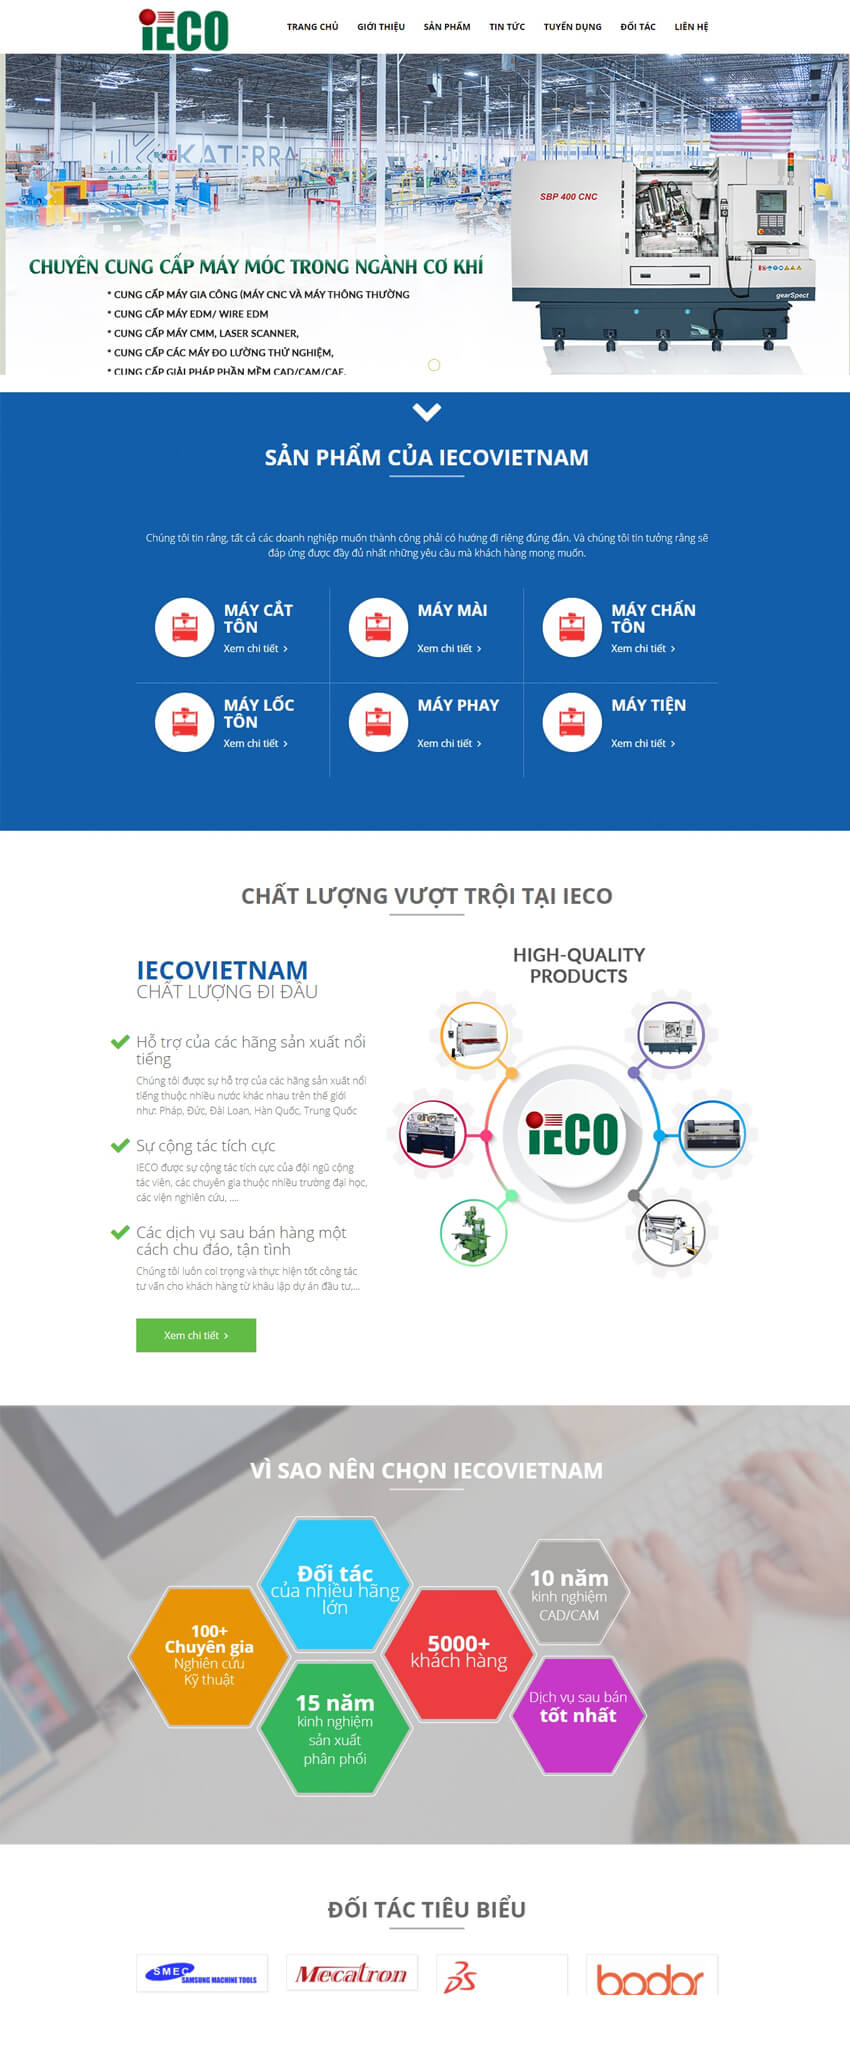 thiết kế web thiết bị máy móc IECO